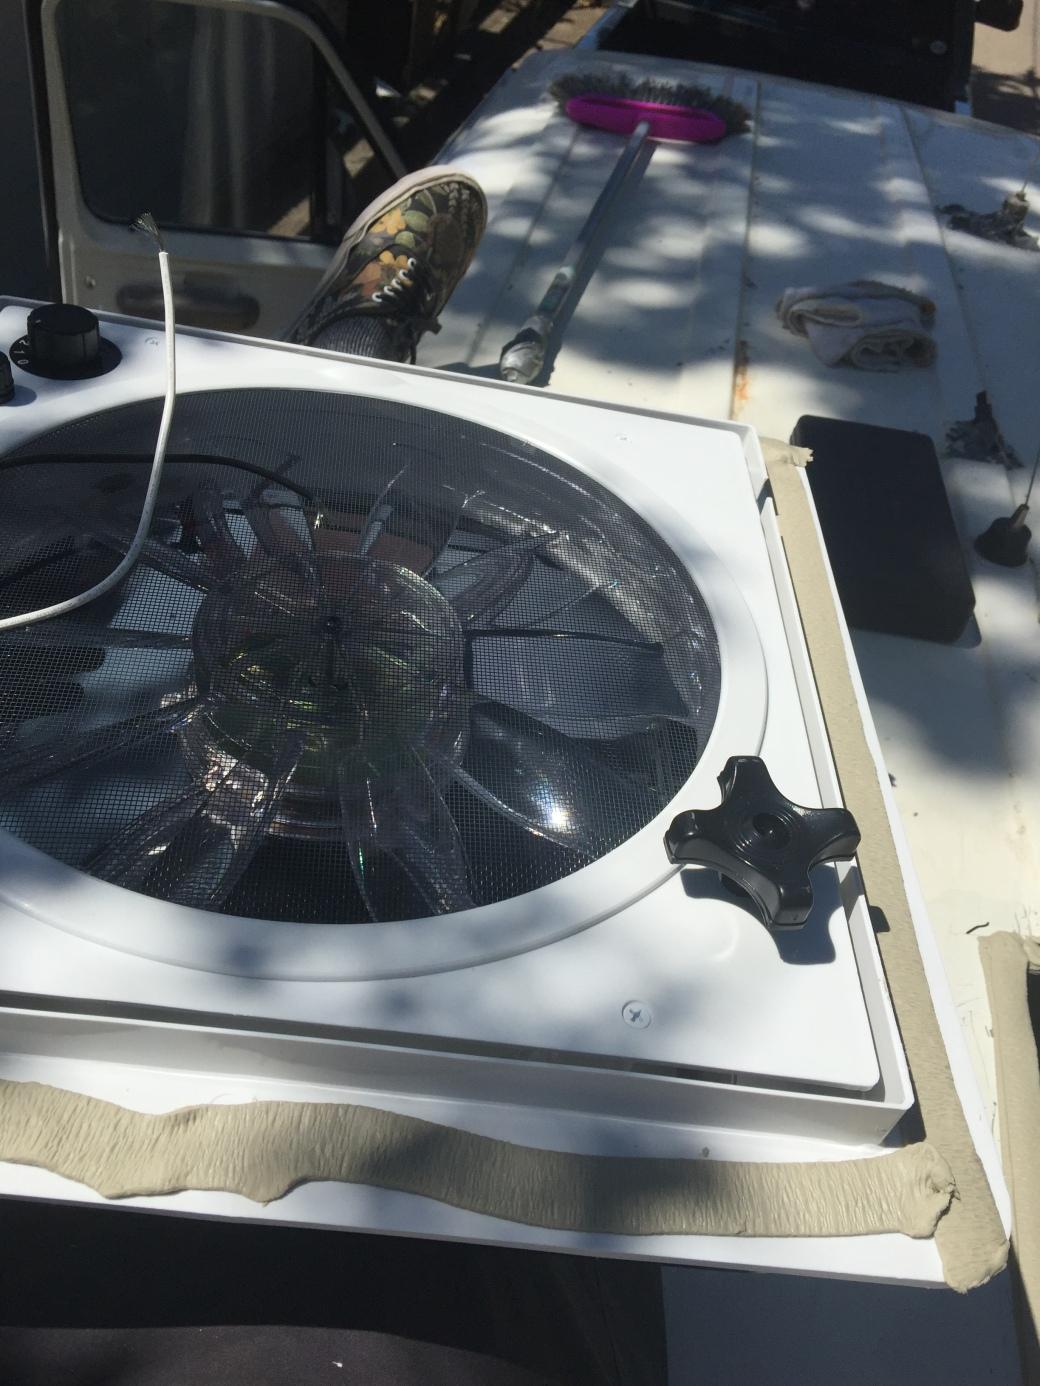 butyl tape on fan